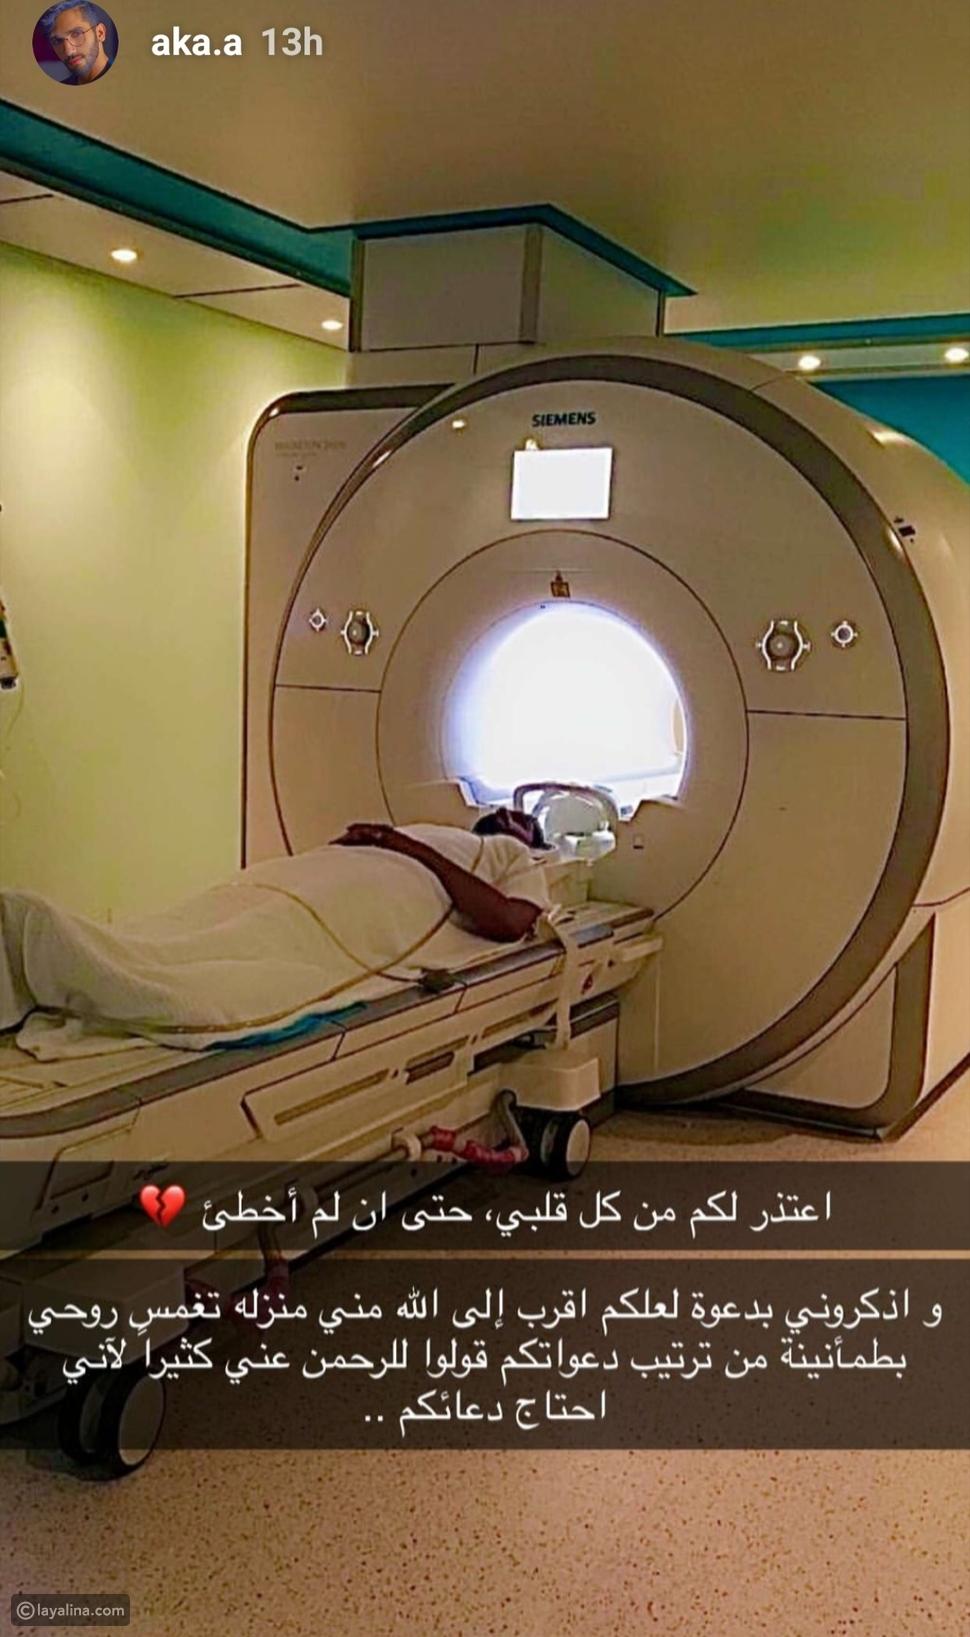 أحمد خميس يثير قلق جمهوره بصورة من على سرير المرض ويكشف مرضه المزمن